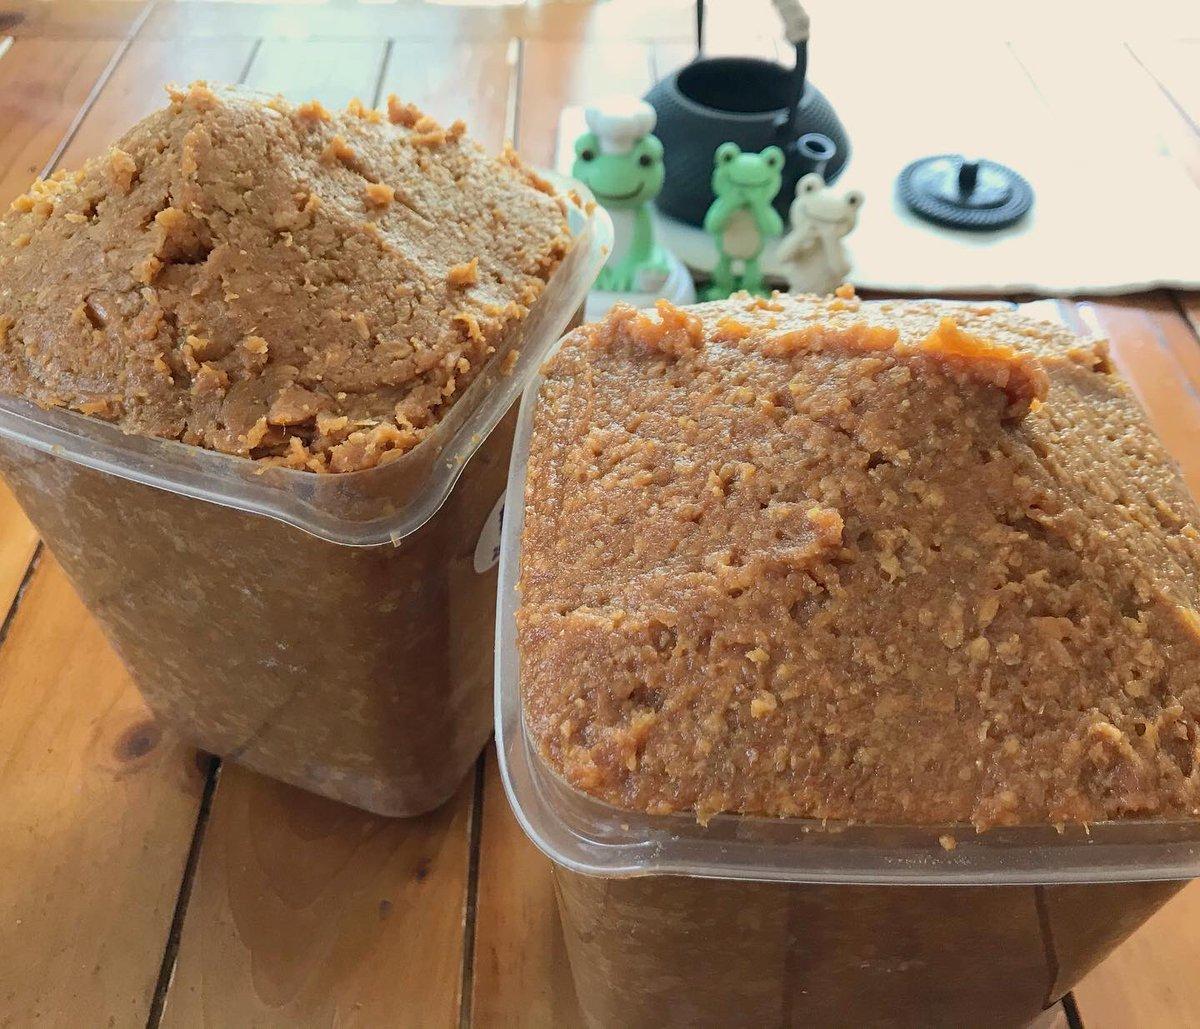 test ツイッターメディア - なんだか、コロナの騒ぎで毎日忙しく、すっかり忘れていました。 去年仕込んだ味噌を出すことを! 今年もカビひとつなく、素晴らしい出来でひと安心。 今回はいつもの麦味噌に加えて、 茅ヶ崎熊澤酒造さんの米麹を使用した米味噌も。 早速おにぎりに塗って焼きおにぎり。  至福! https://t.co/10y17ZPYy0